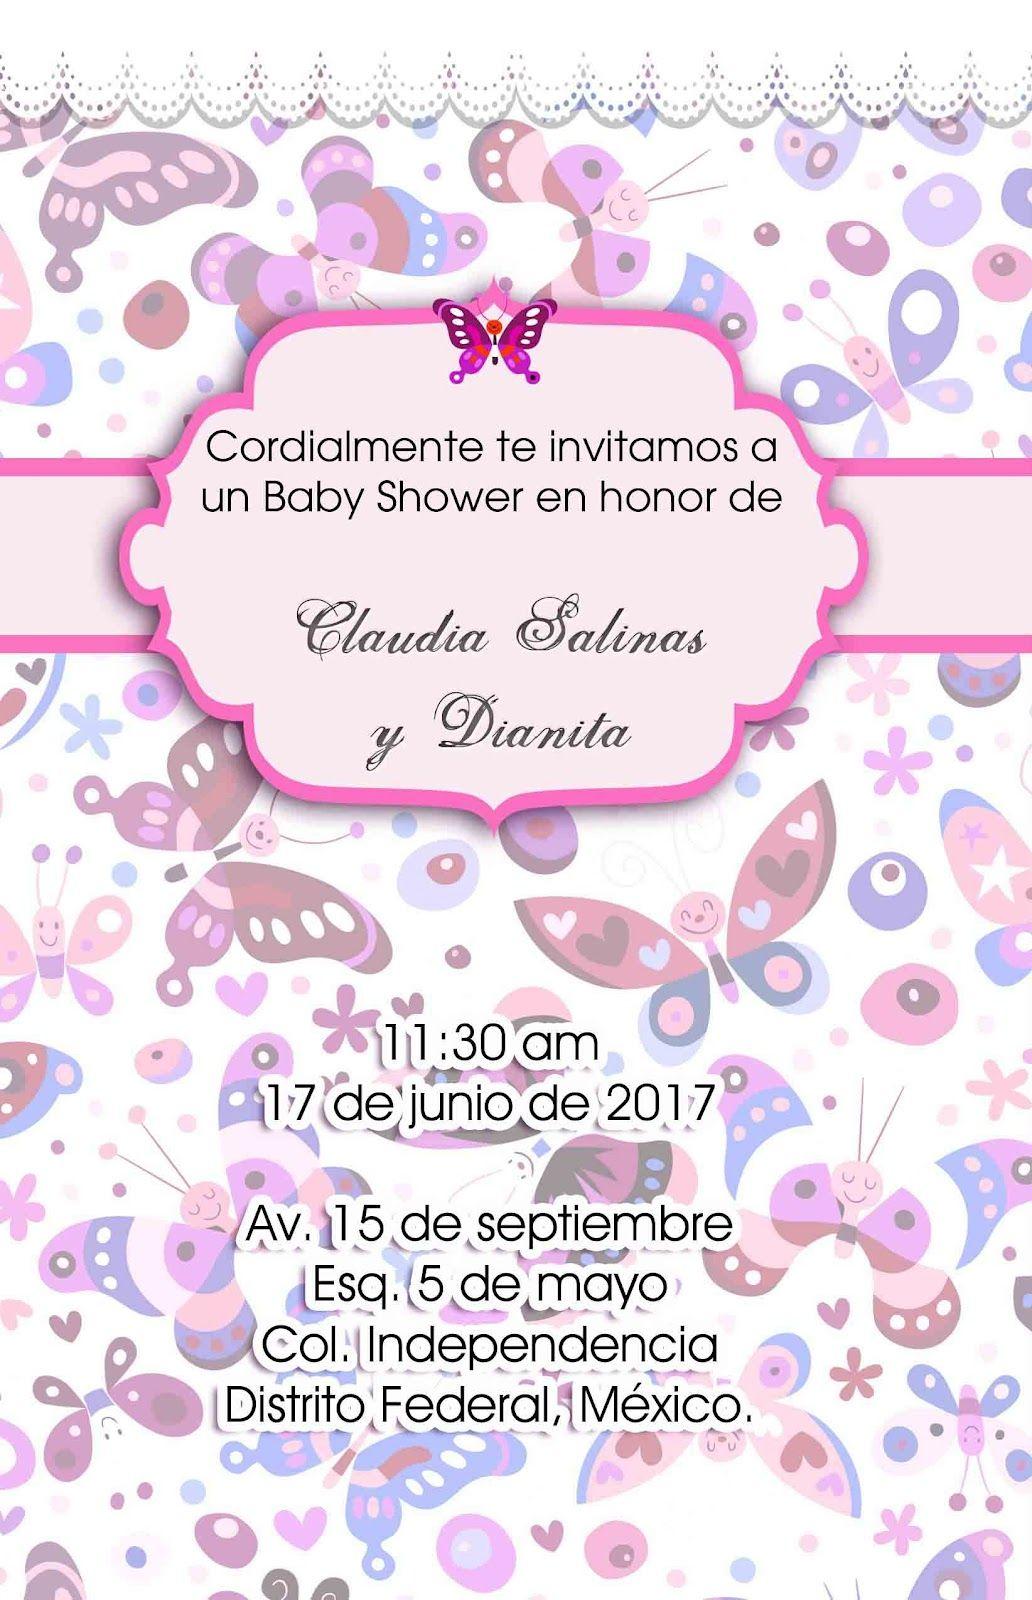 2014 invitaciones para invitaciones para baby shower 1032x1600 baby